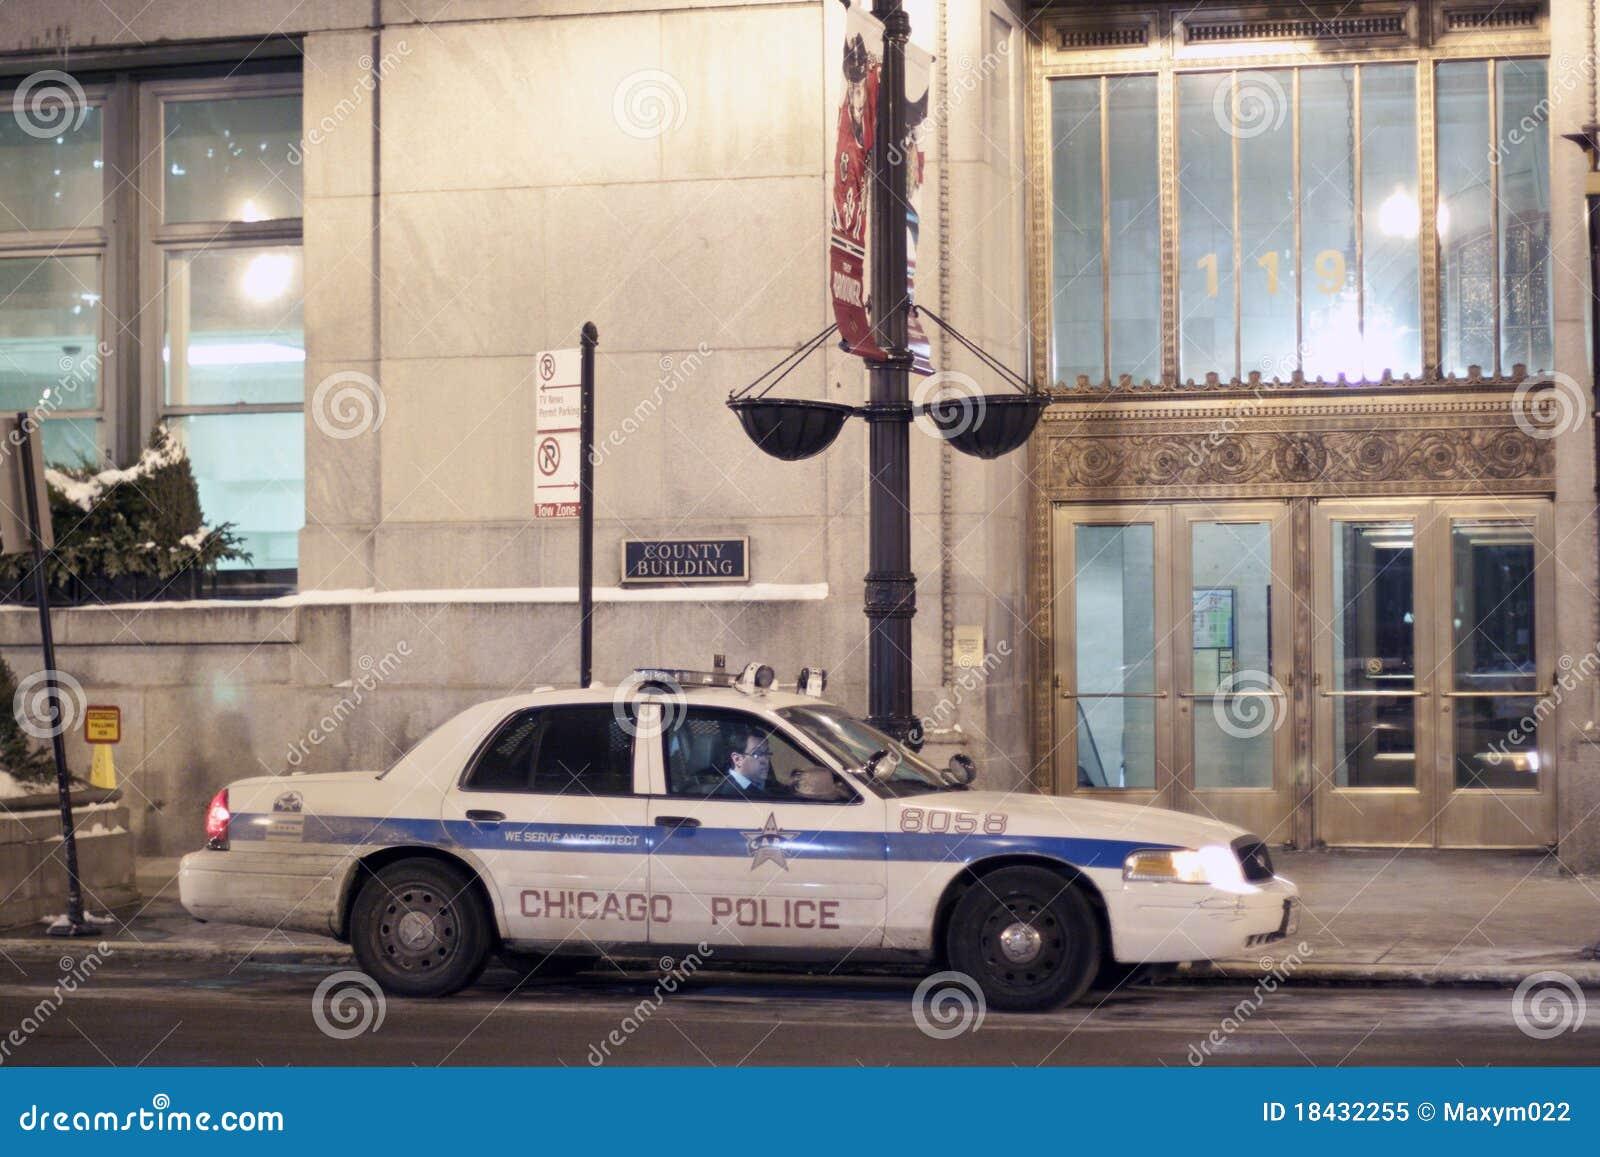 Chicago-Polizeiwagen in im Stadtzentrum gelegenem Chicago nachts